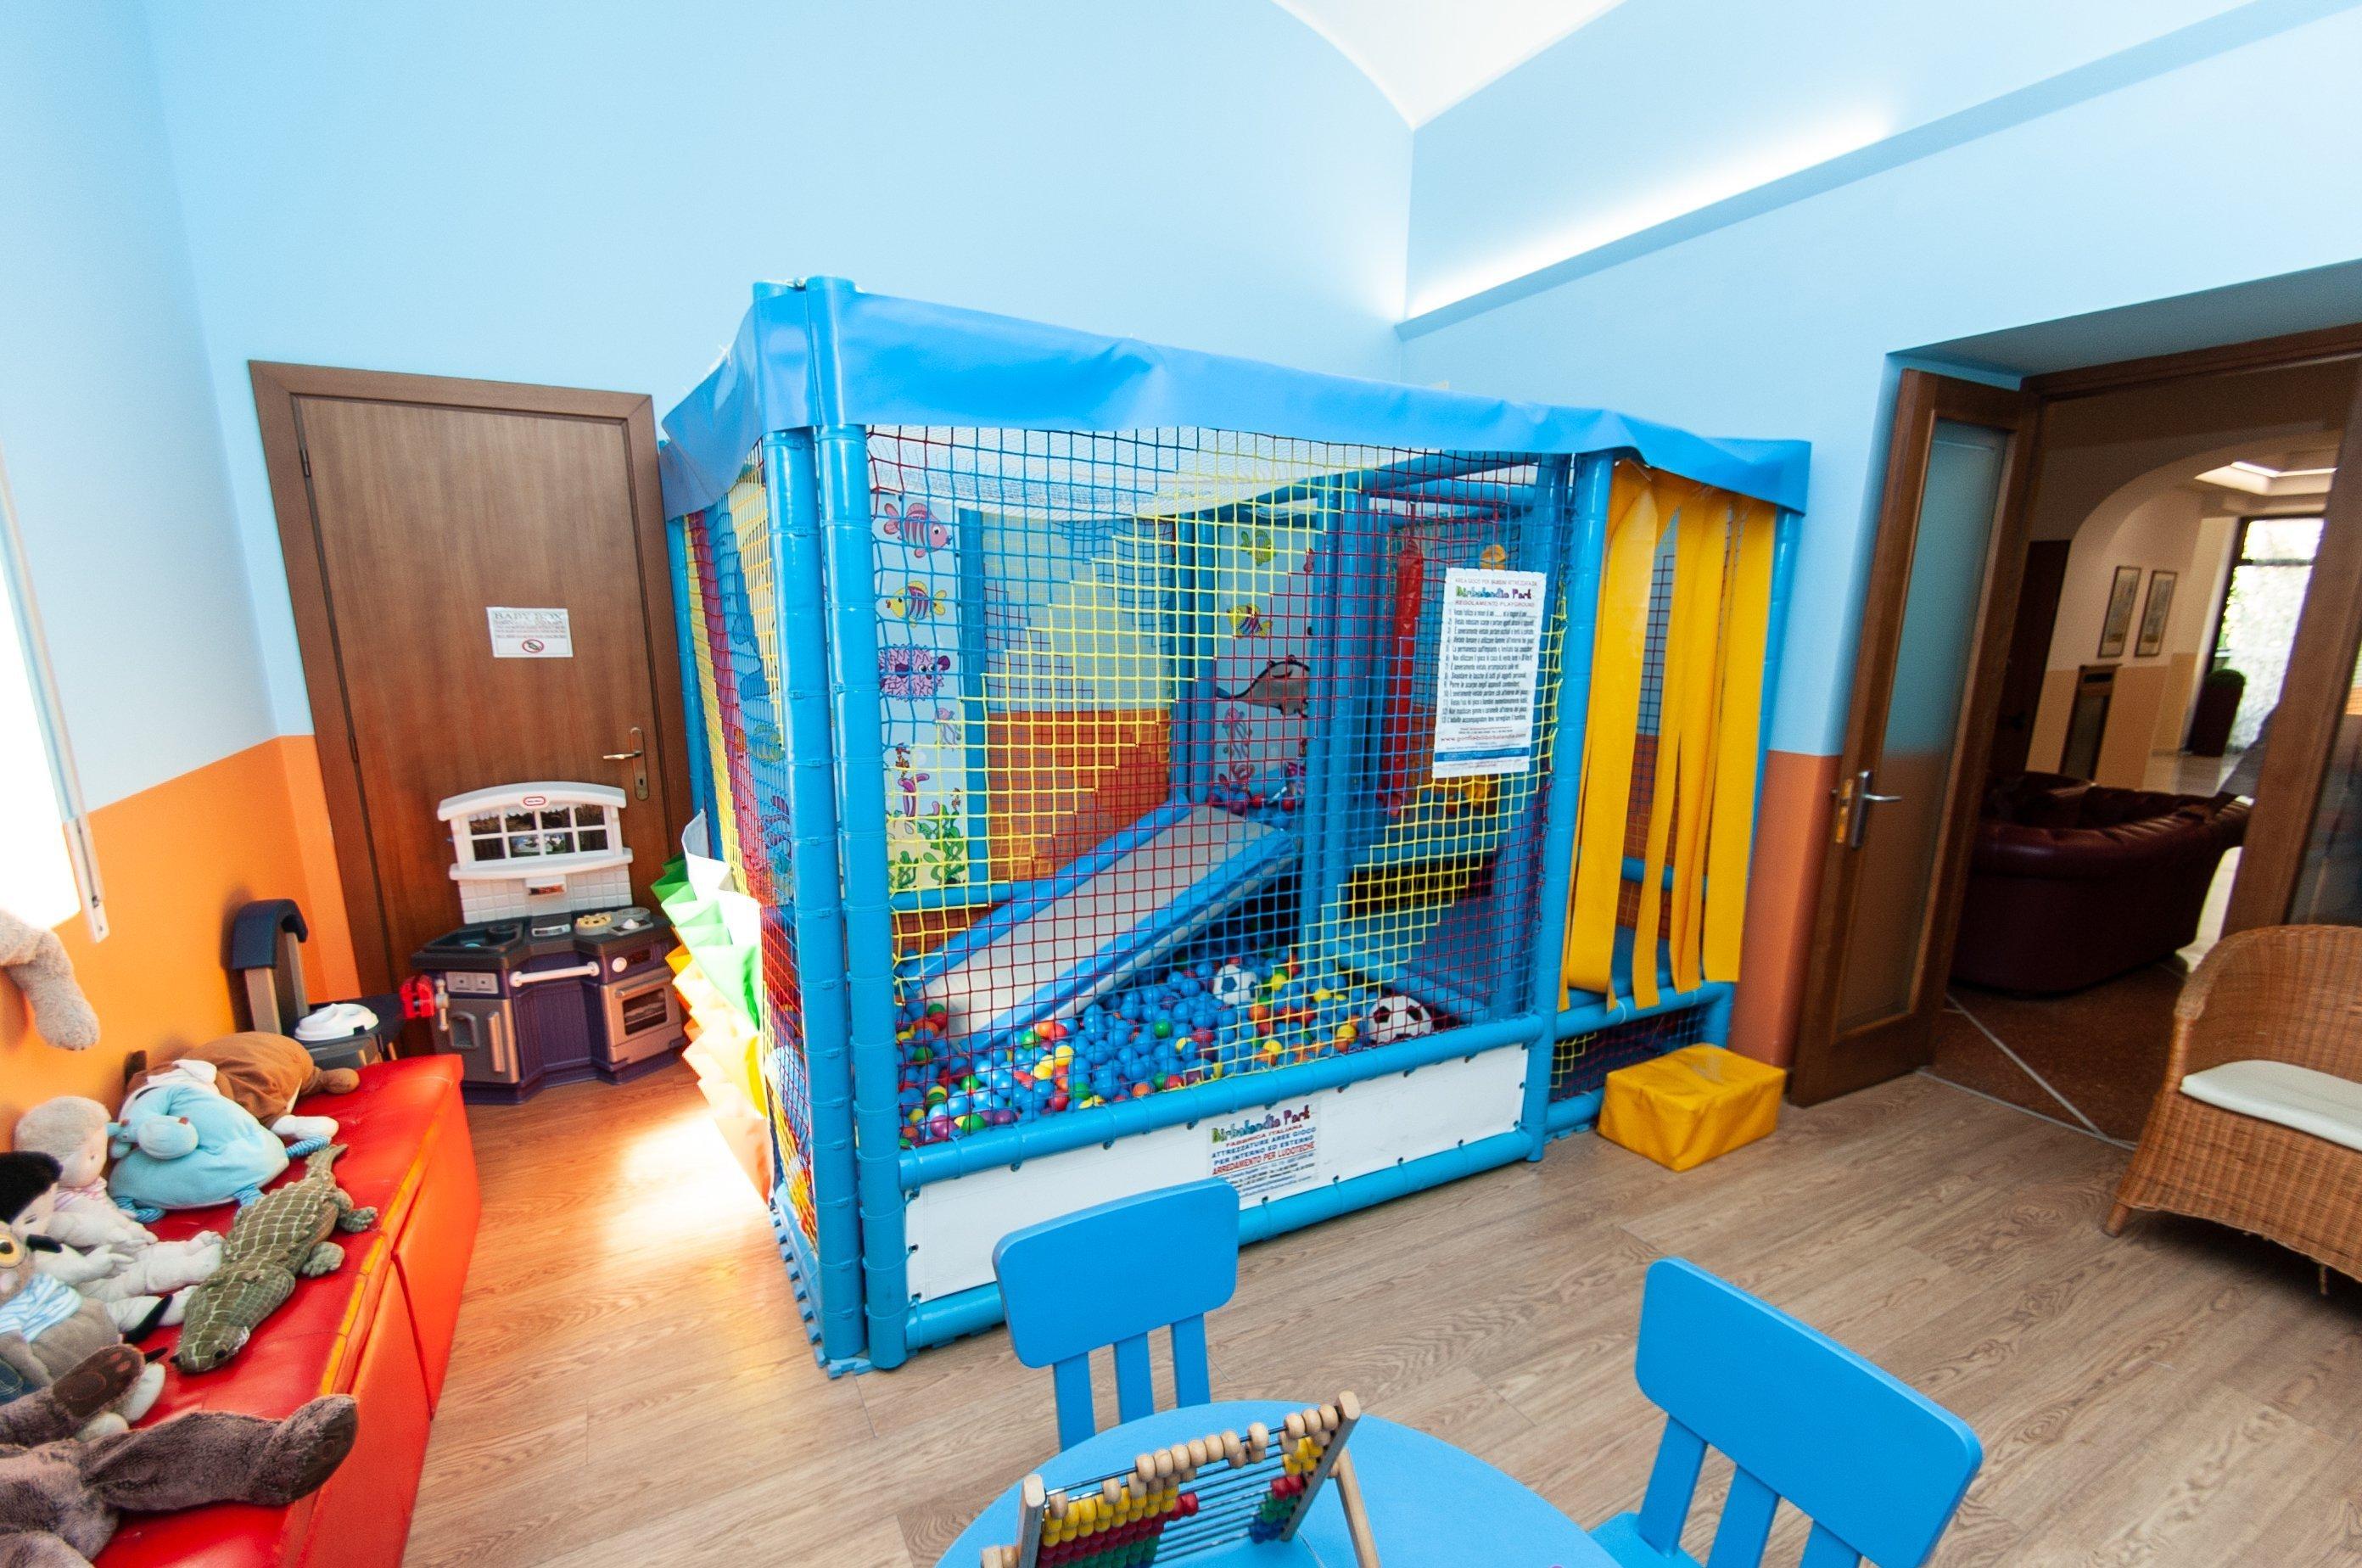 Hotel Rio giochi bambini